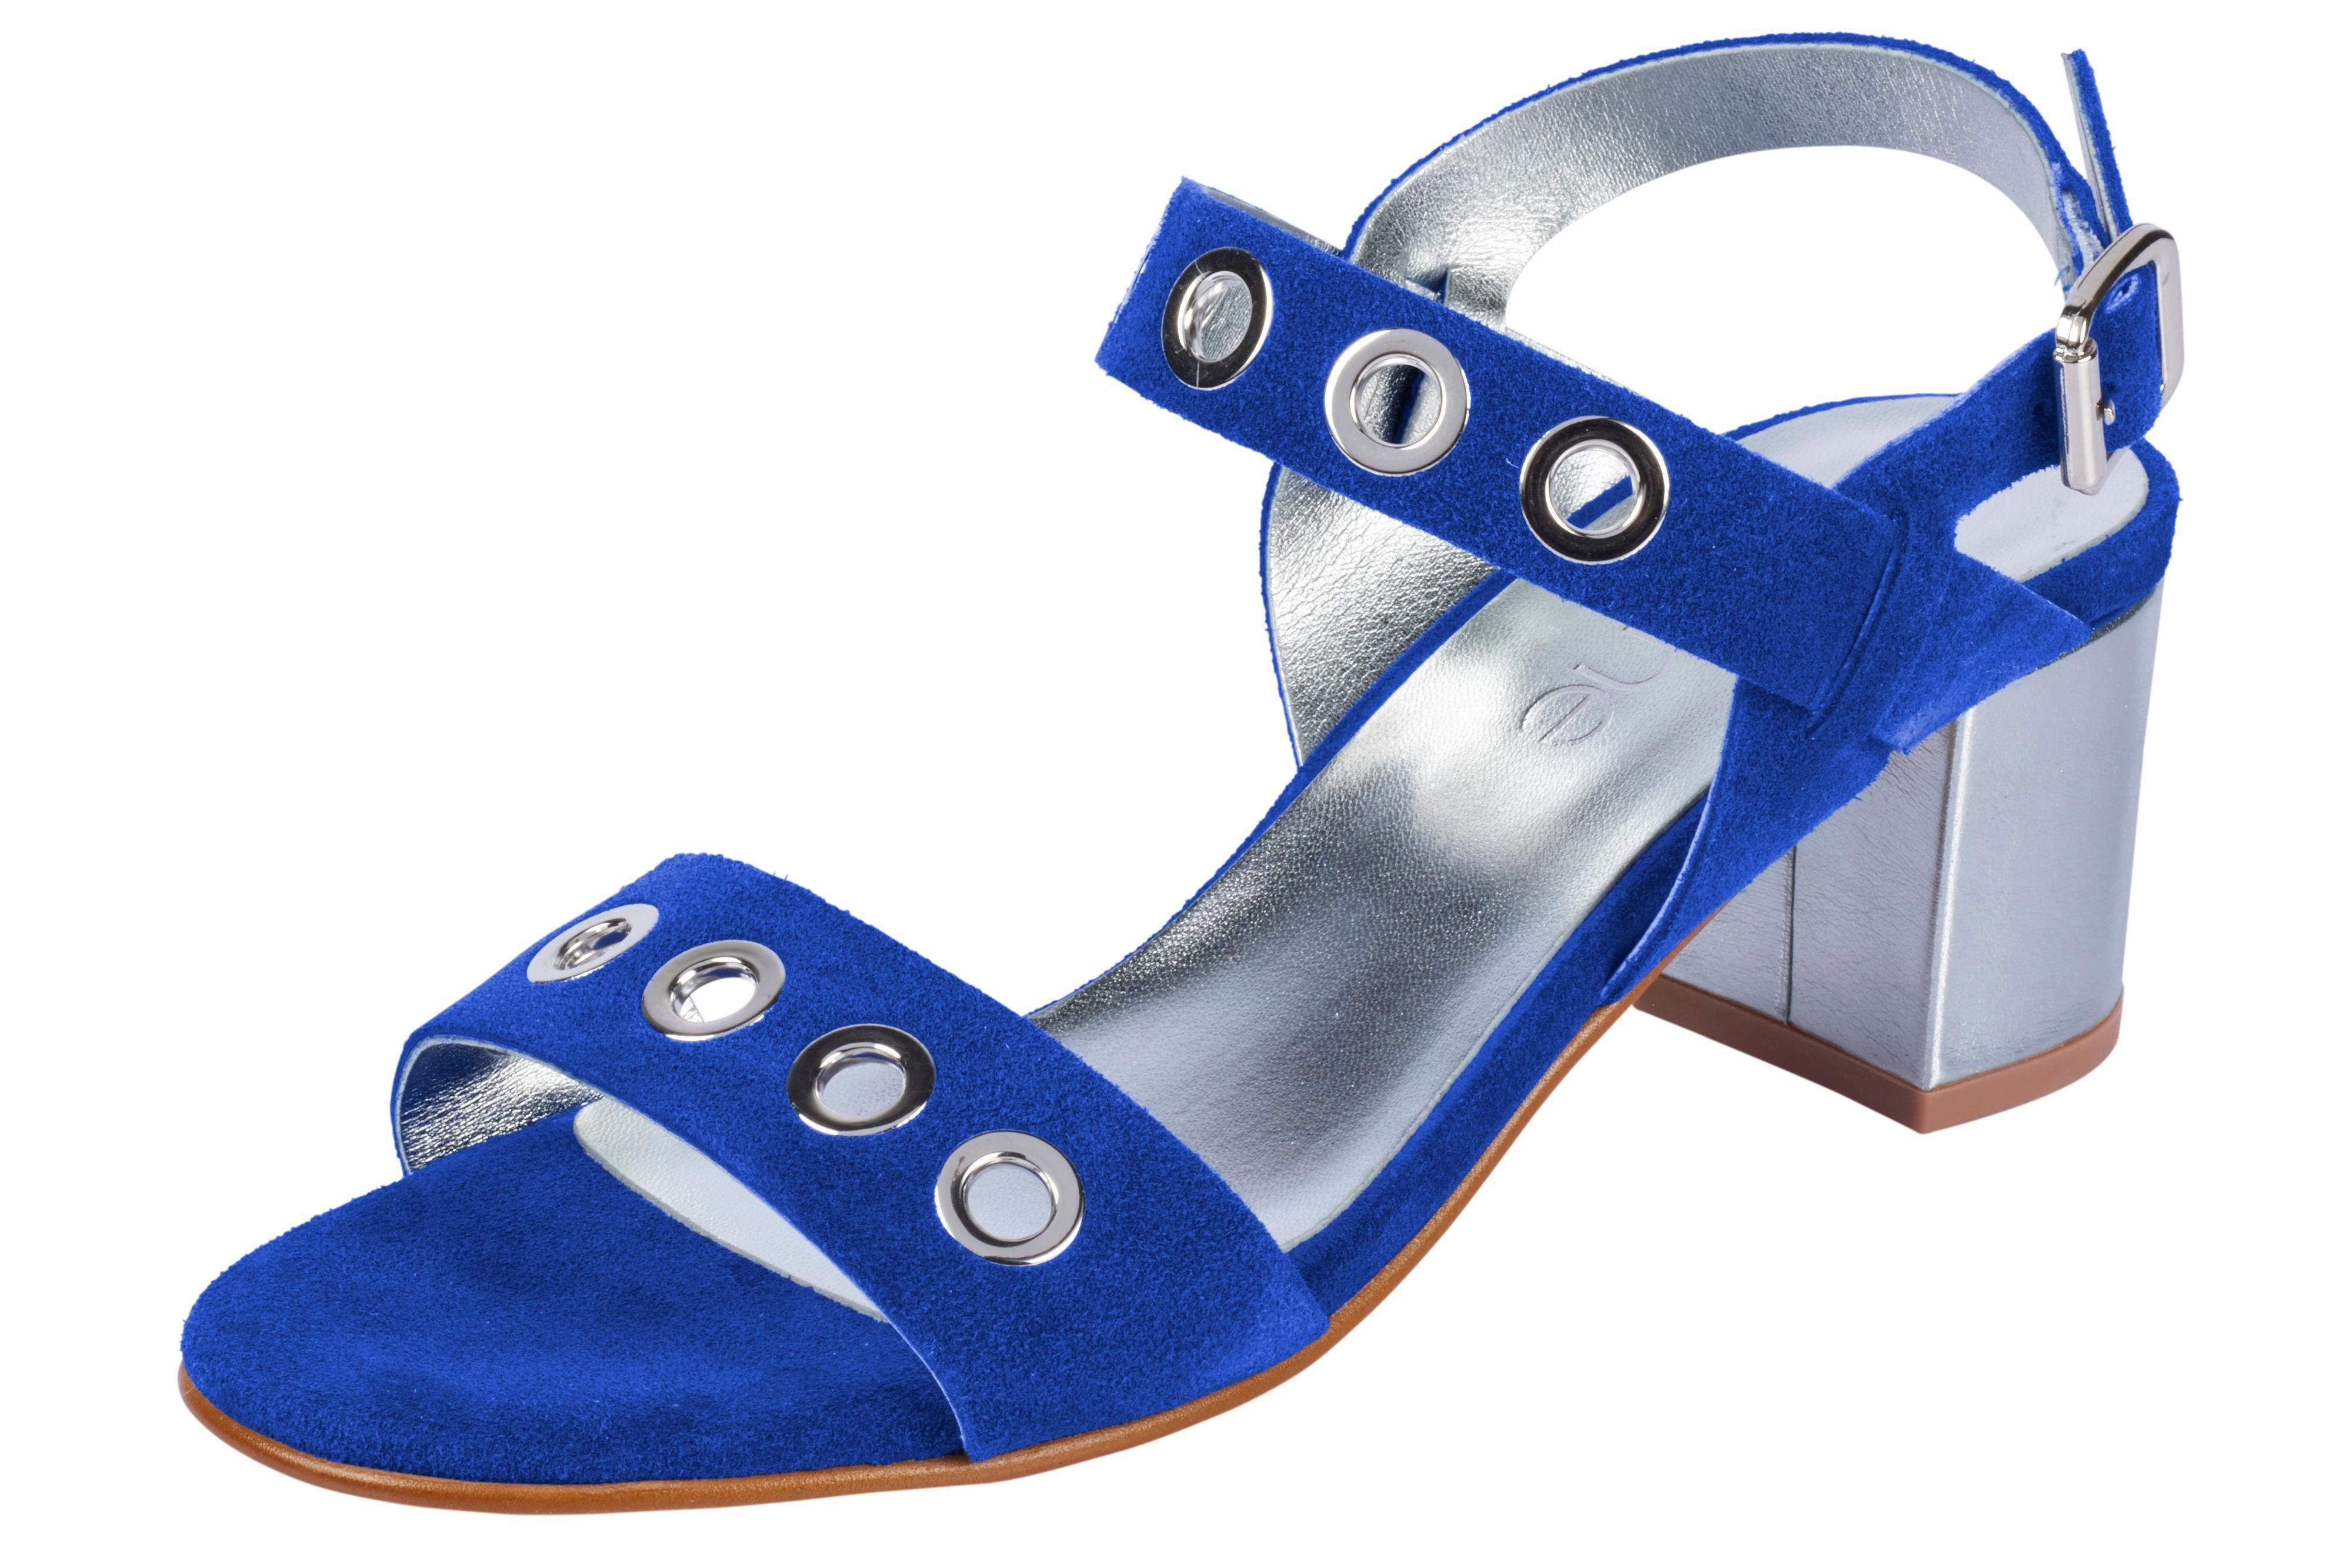 Heine Sandalette mit Nieten online kaufen  royalblau